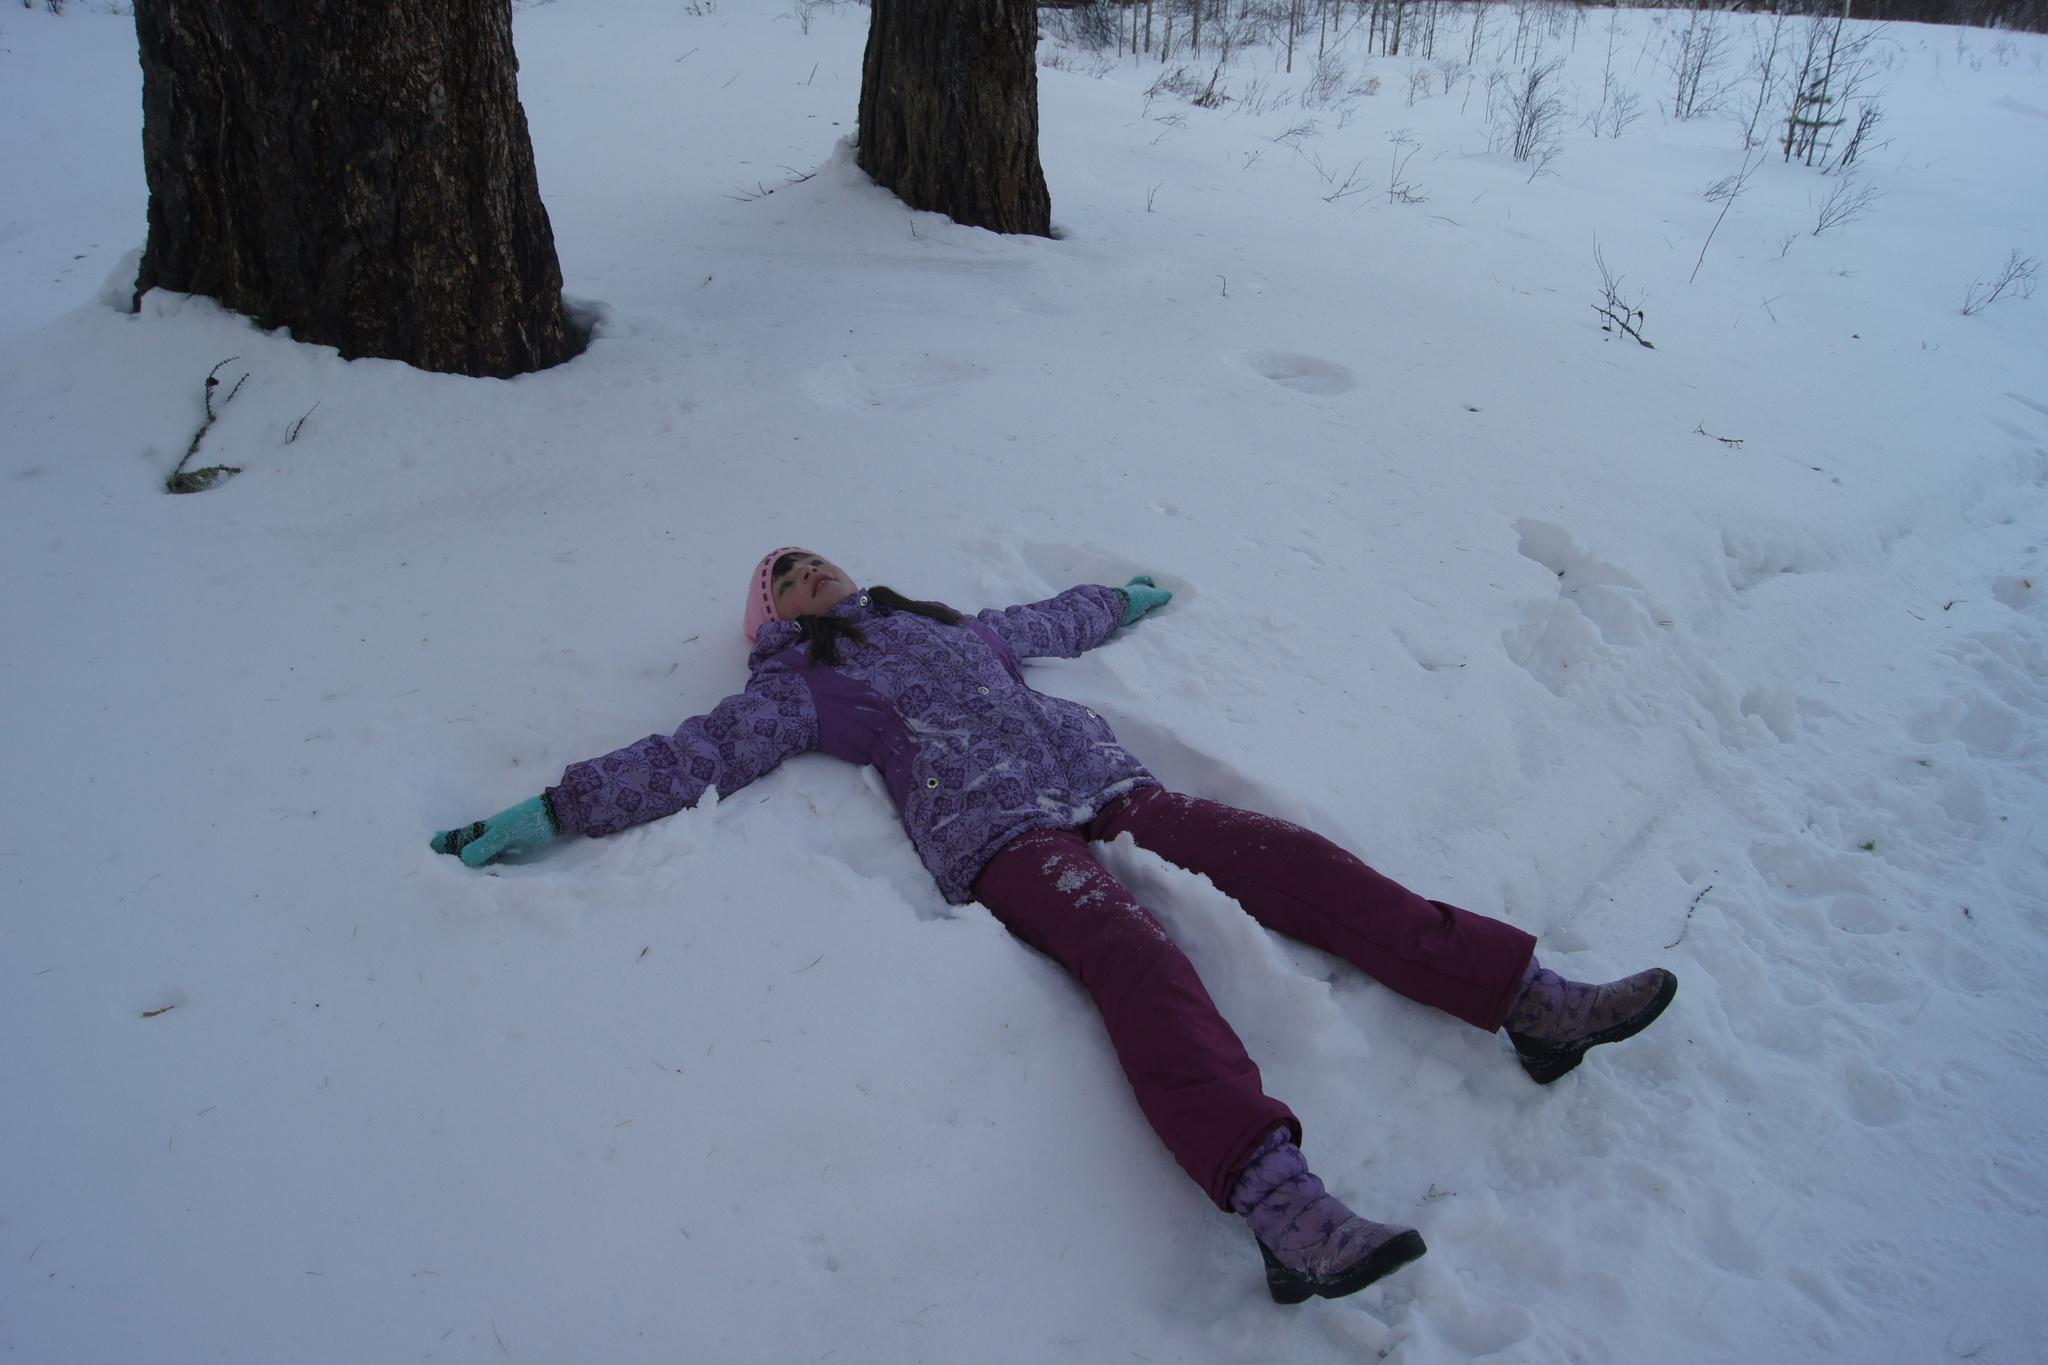 человек лежащий на снегу картинки фото